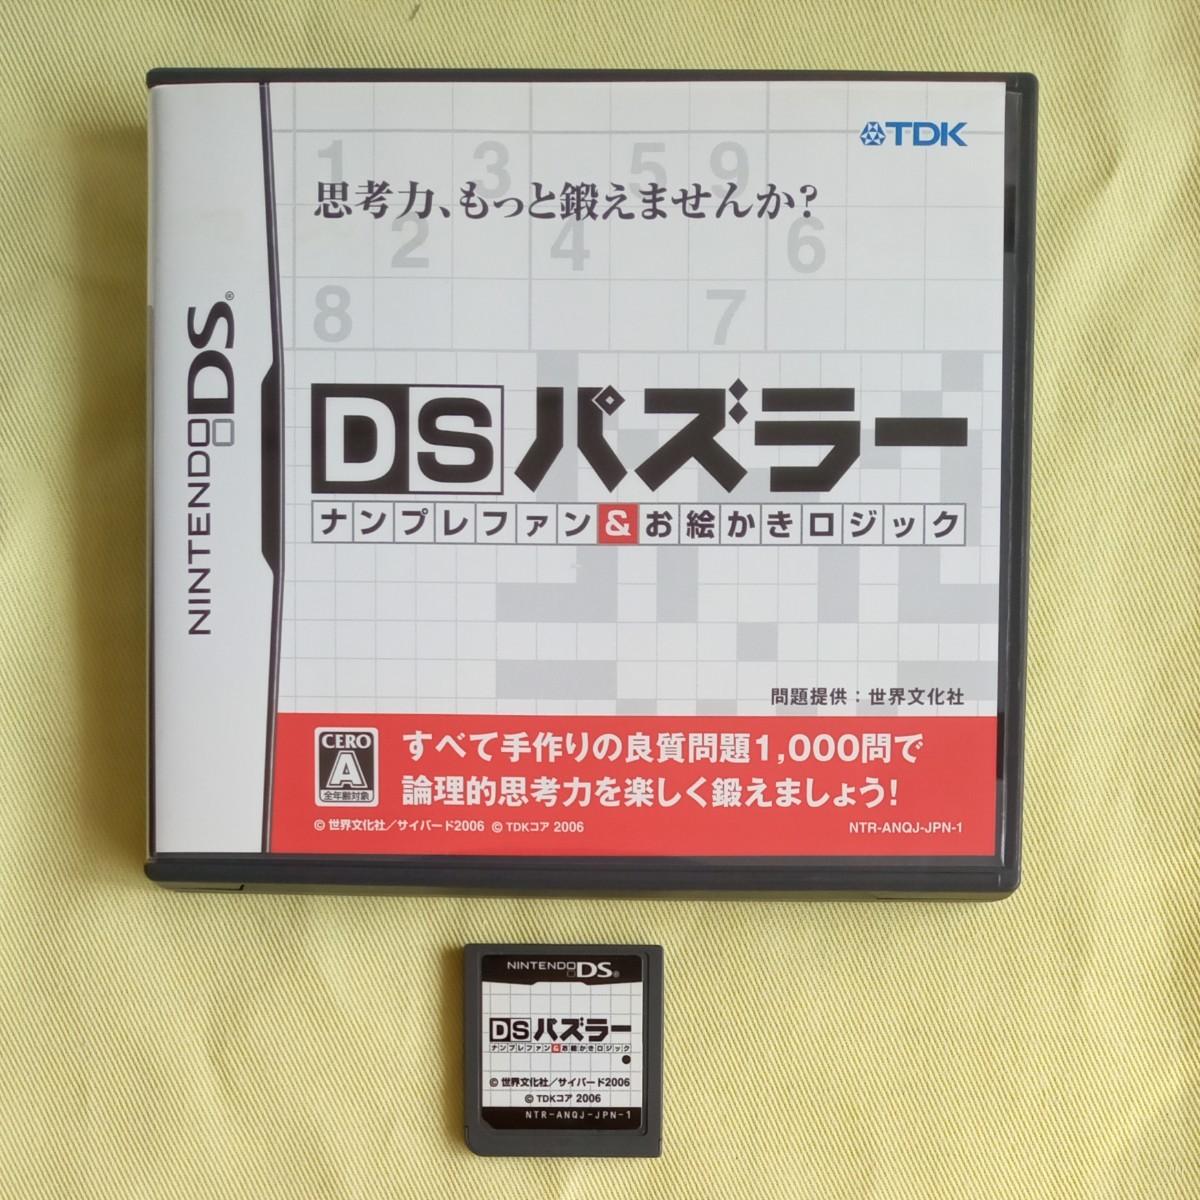 【DSソフト】DSパズラー ナンプレファン&お絵かきロジック ニンテンドーDS